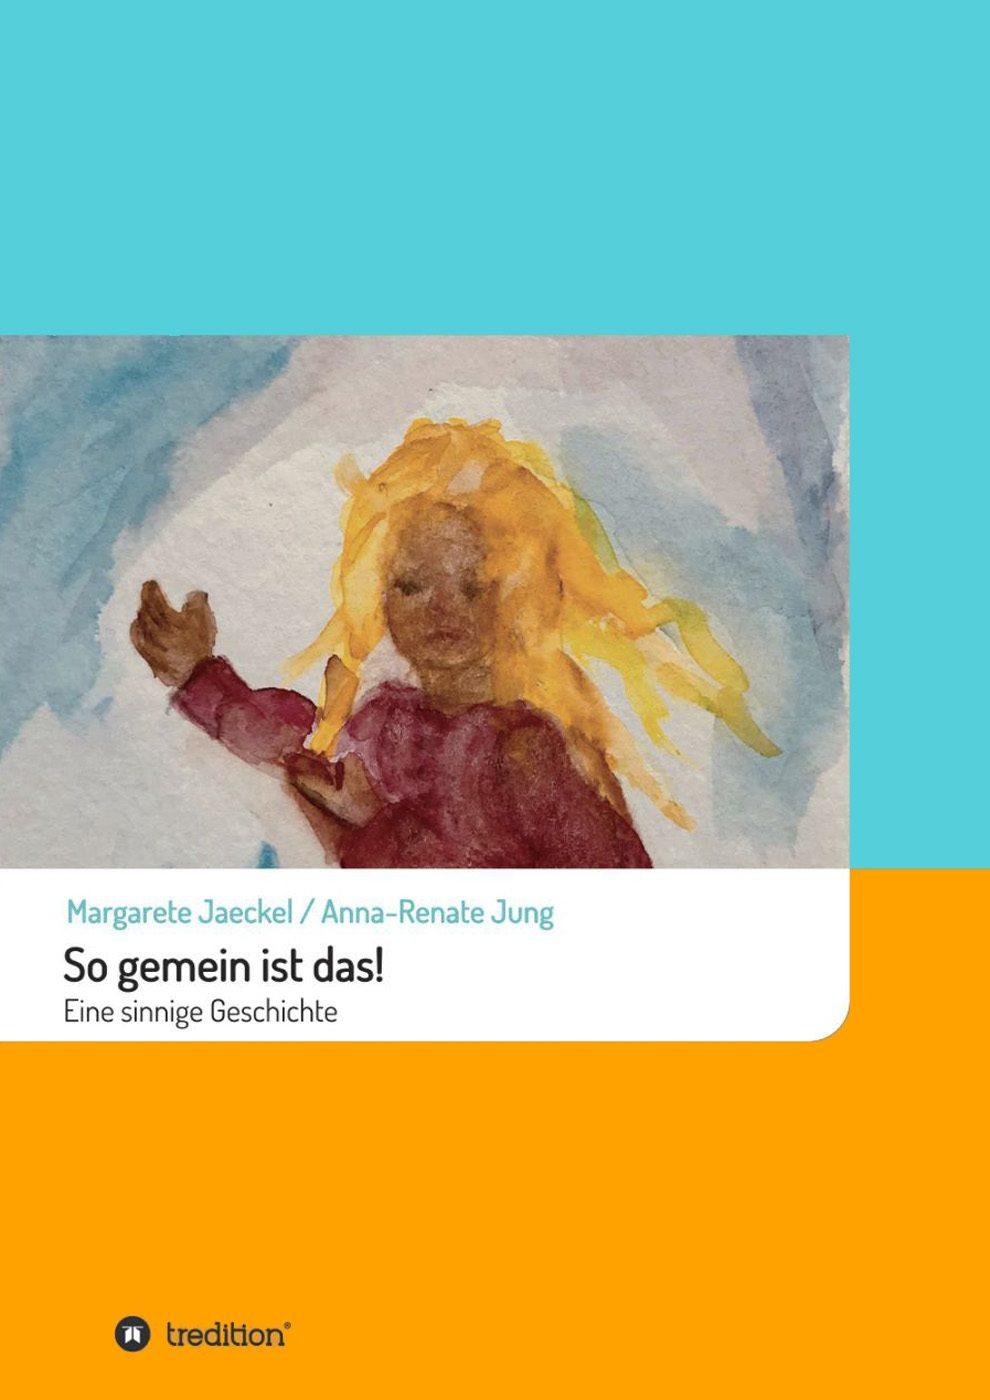 So gemein ist das! | Sinnige Geschichten M. Jaeckel | Illustrationen: A. R. Jung